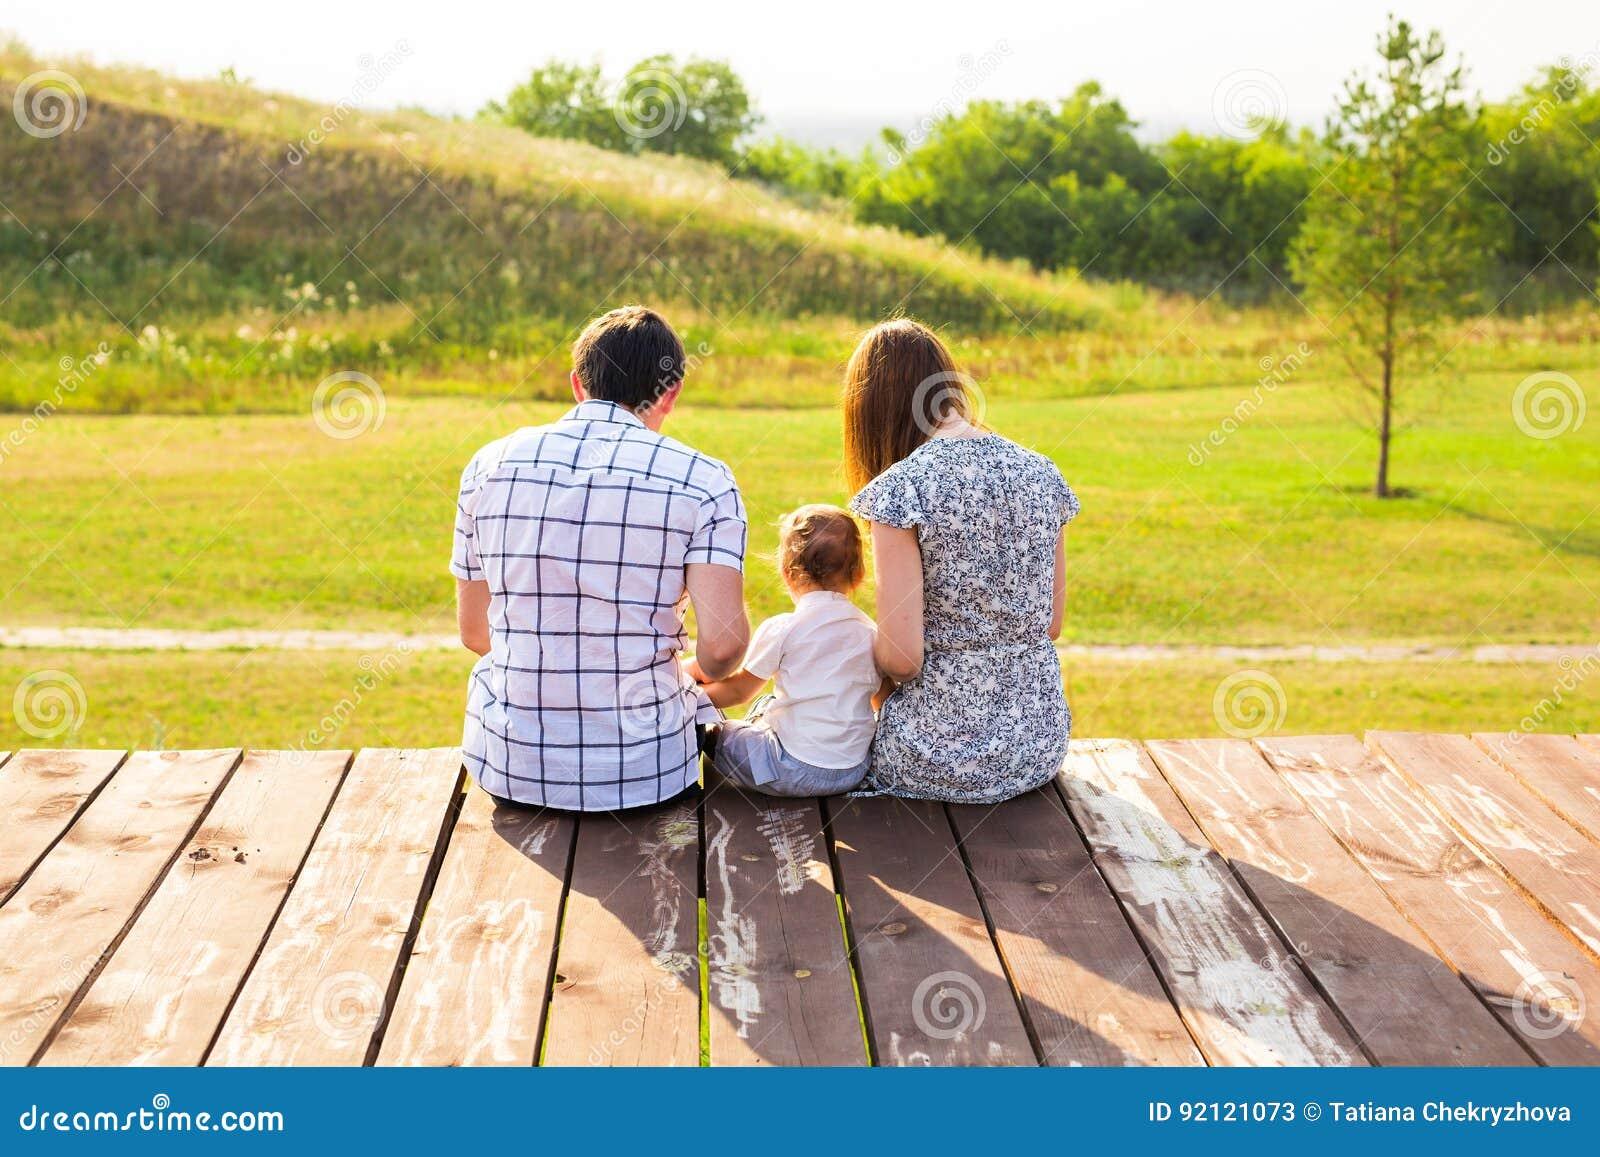 Es gibt 3 Mädchen und ihre Mutter, die auf der orange Couch sitzen Bild des glücklichen liebevollen Vaters, der Mutter und ihres